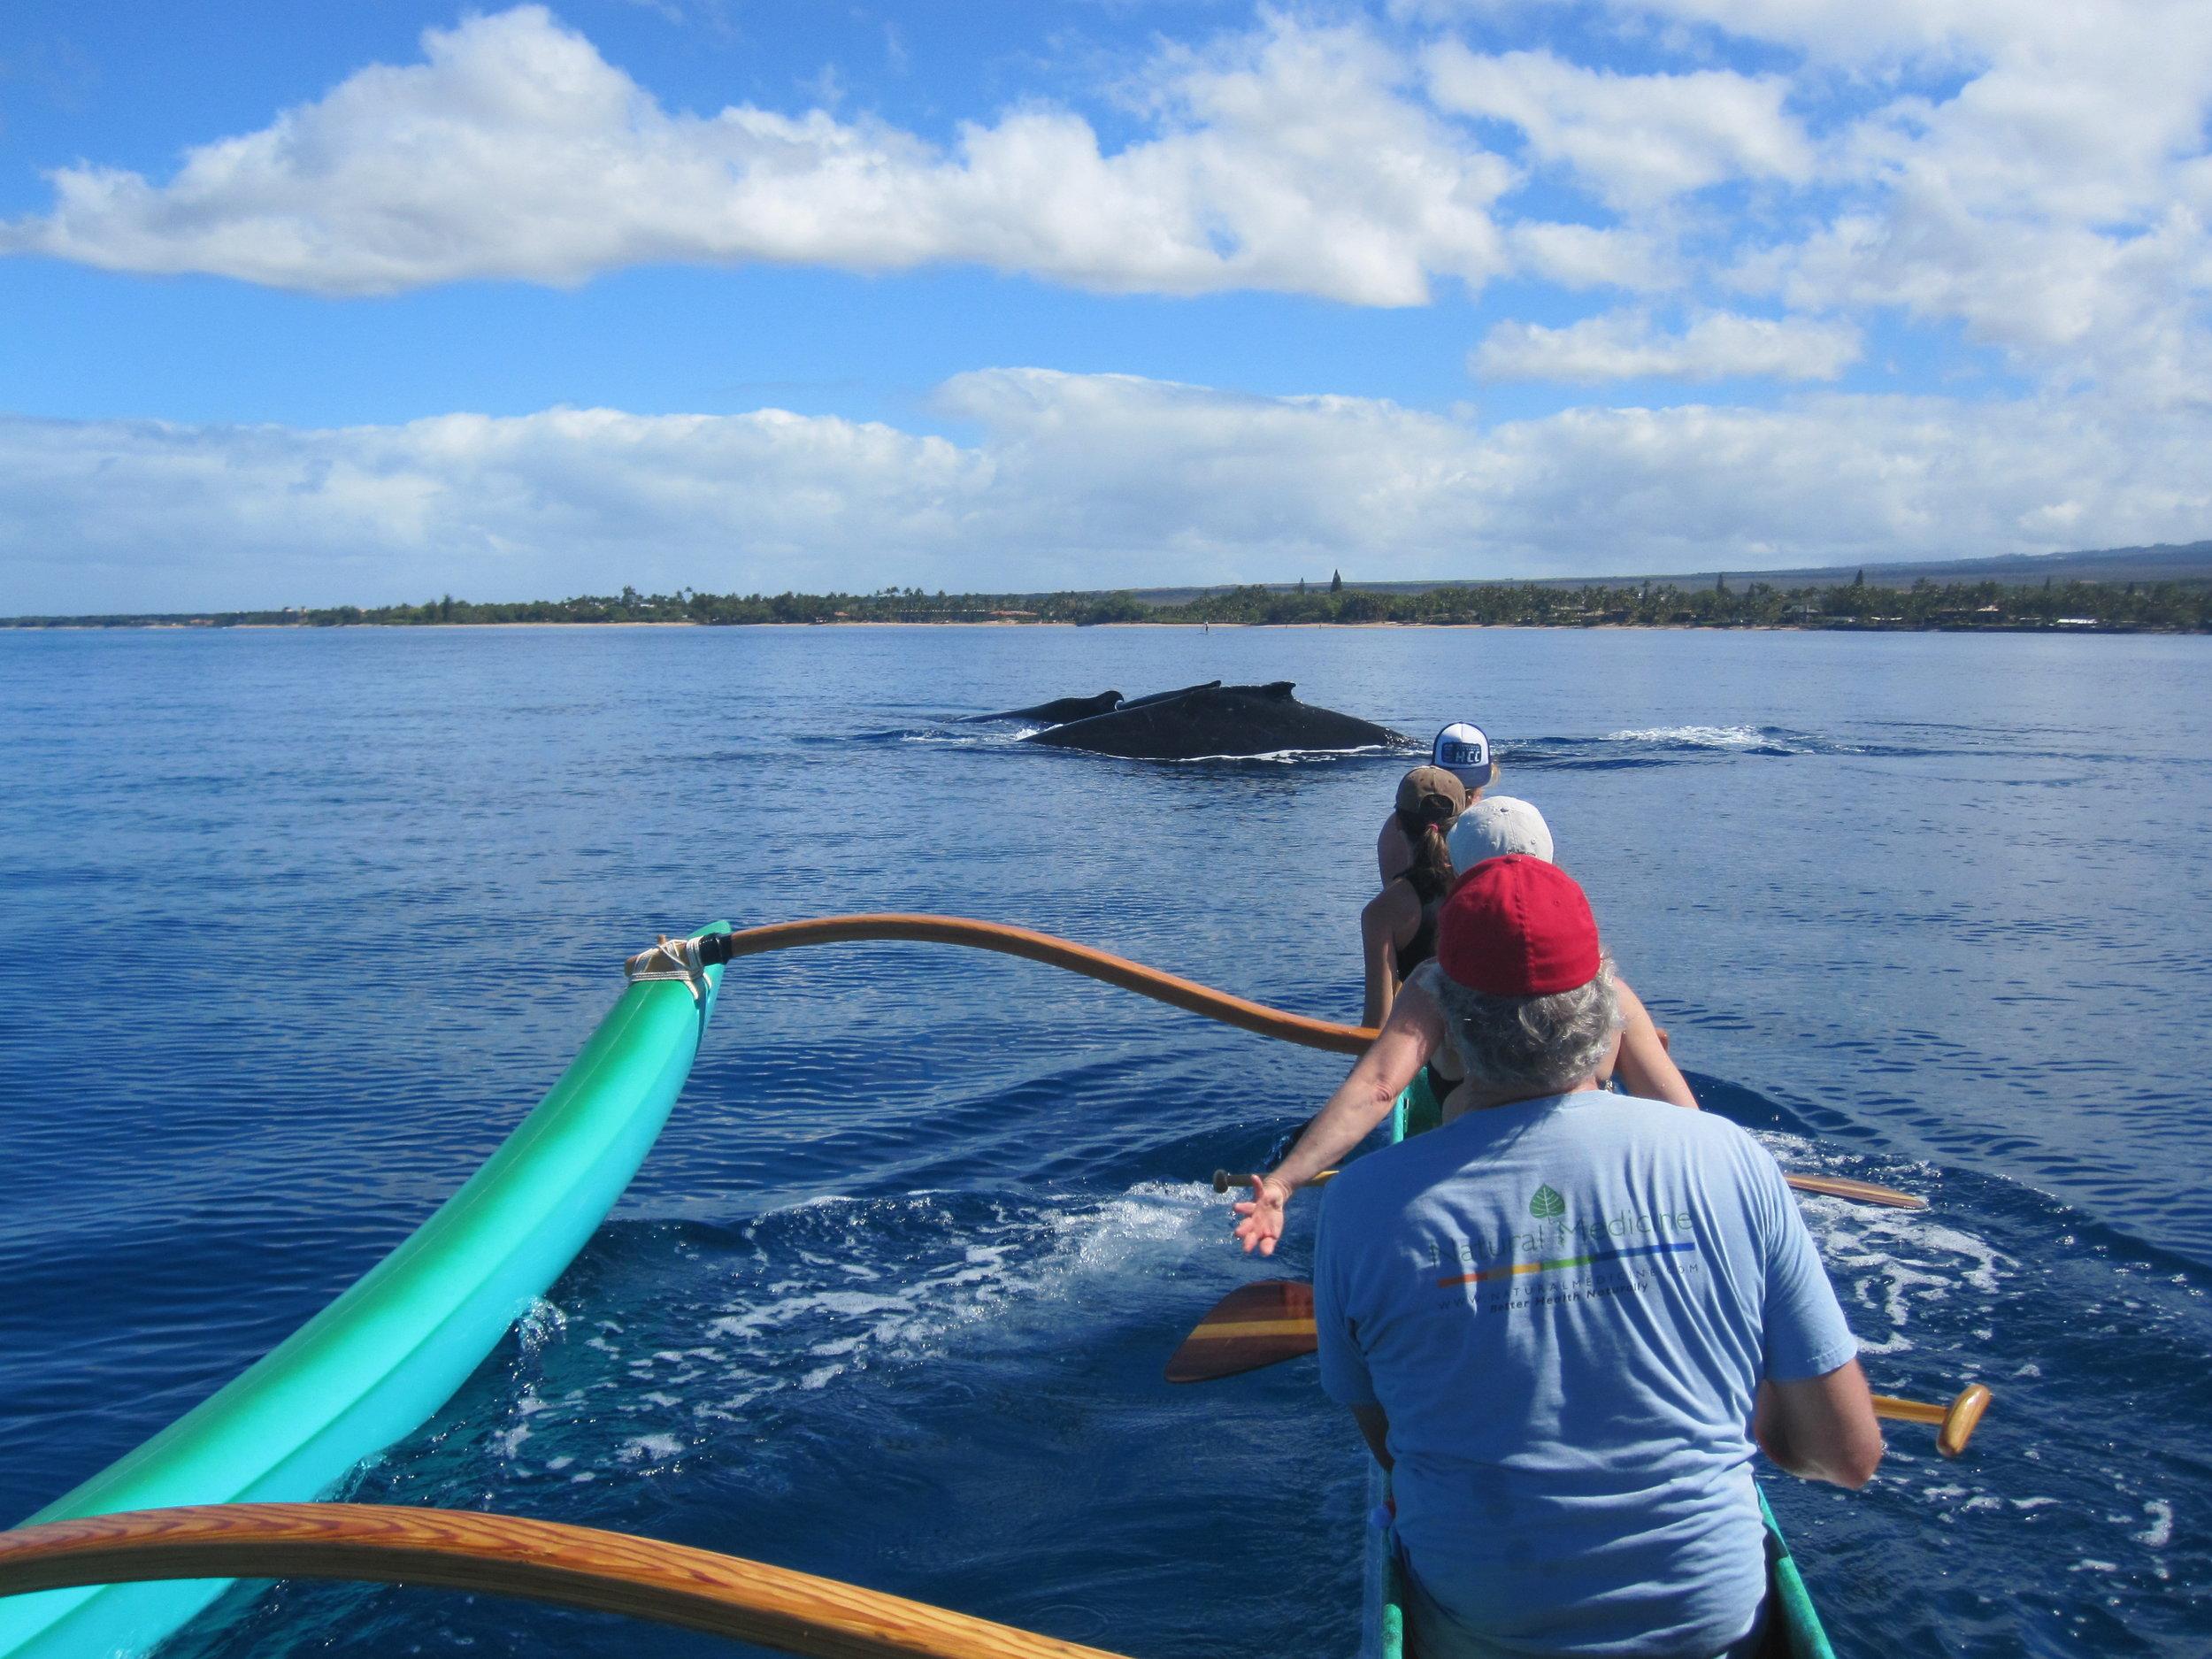 Blue_Soul_Maui_Outrigger_Canoe_Whale_Watch_1.jpg